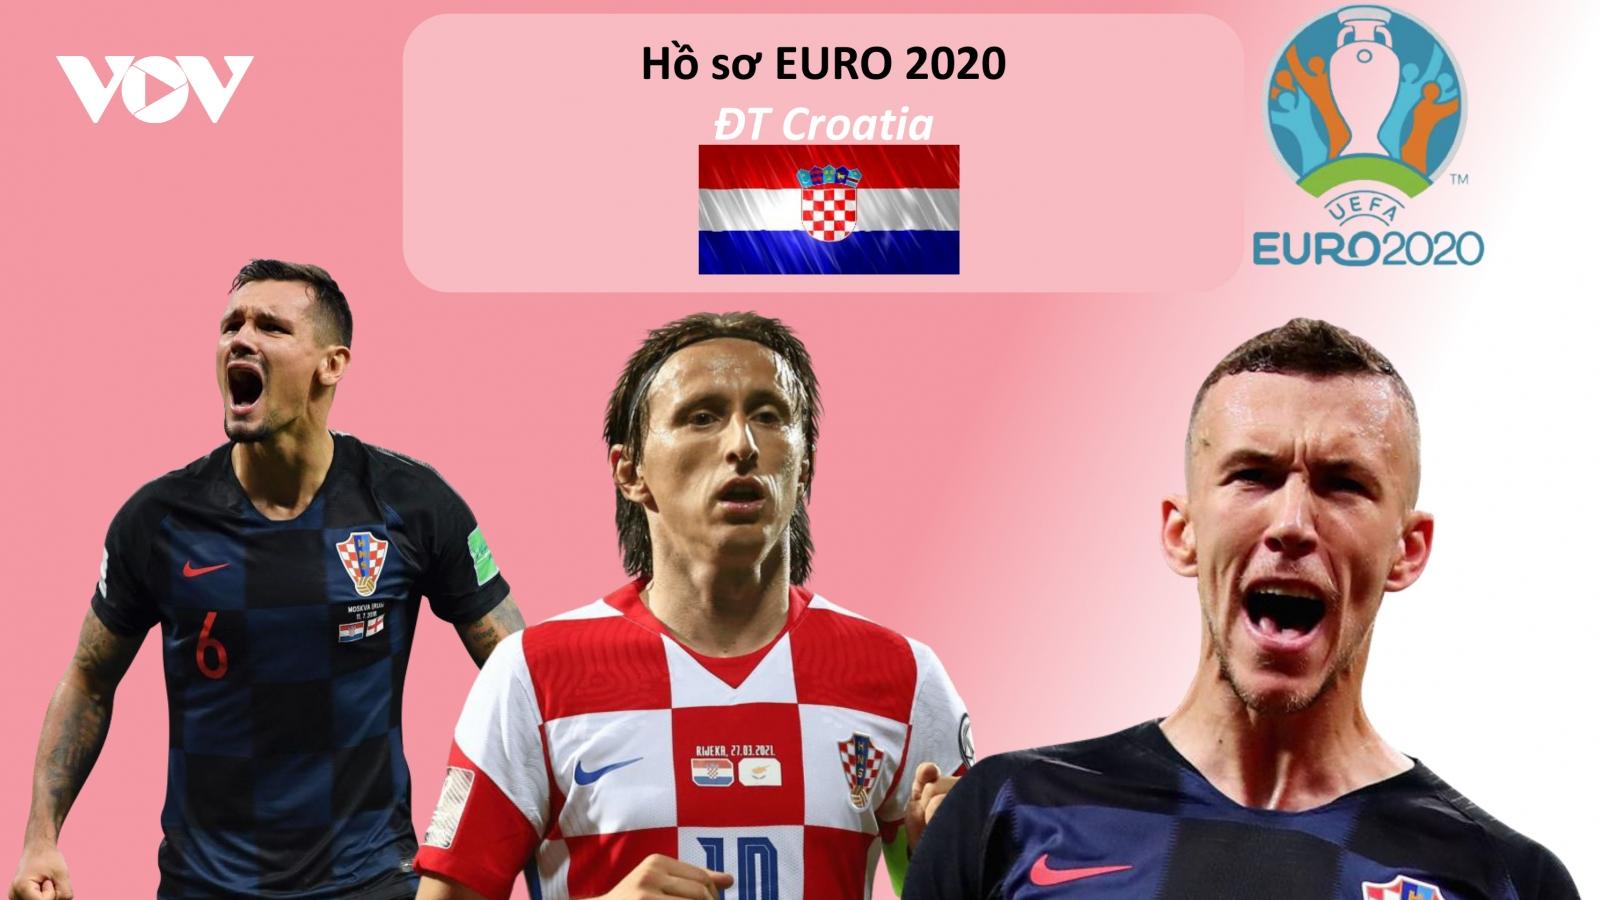 Hồ sơ các ĐT dự EURO 2020: Đội tuyển Croatia